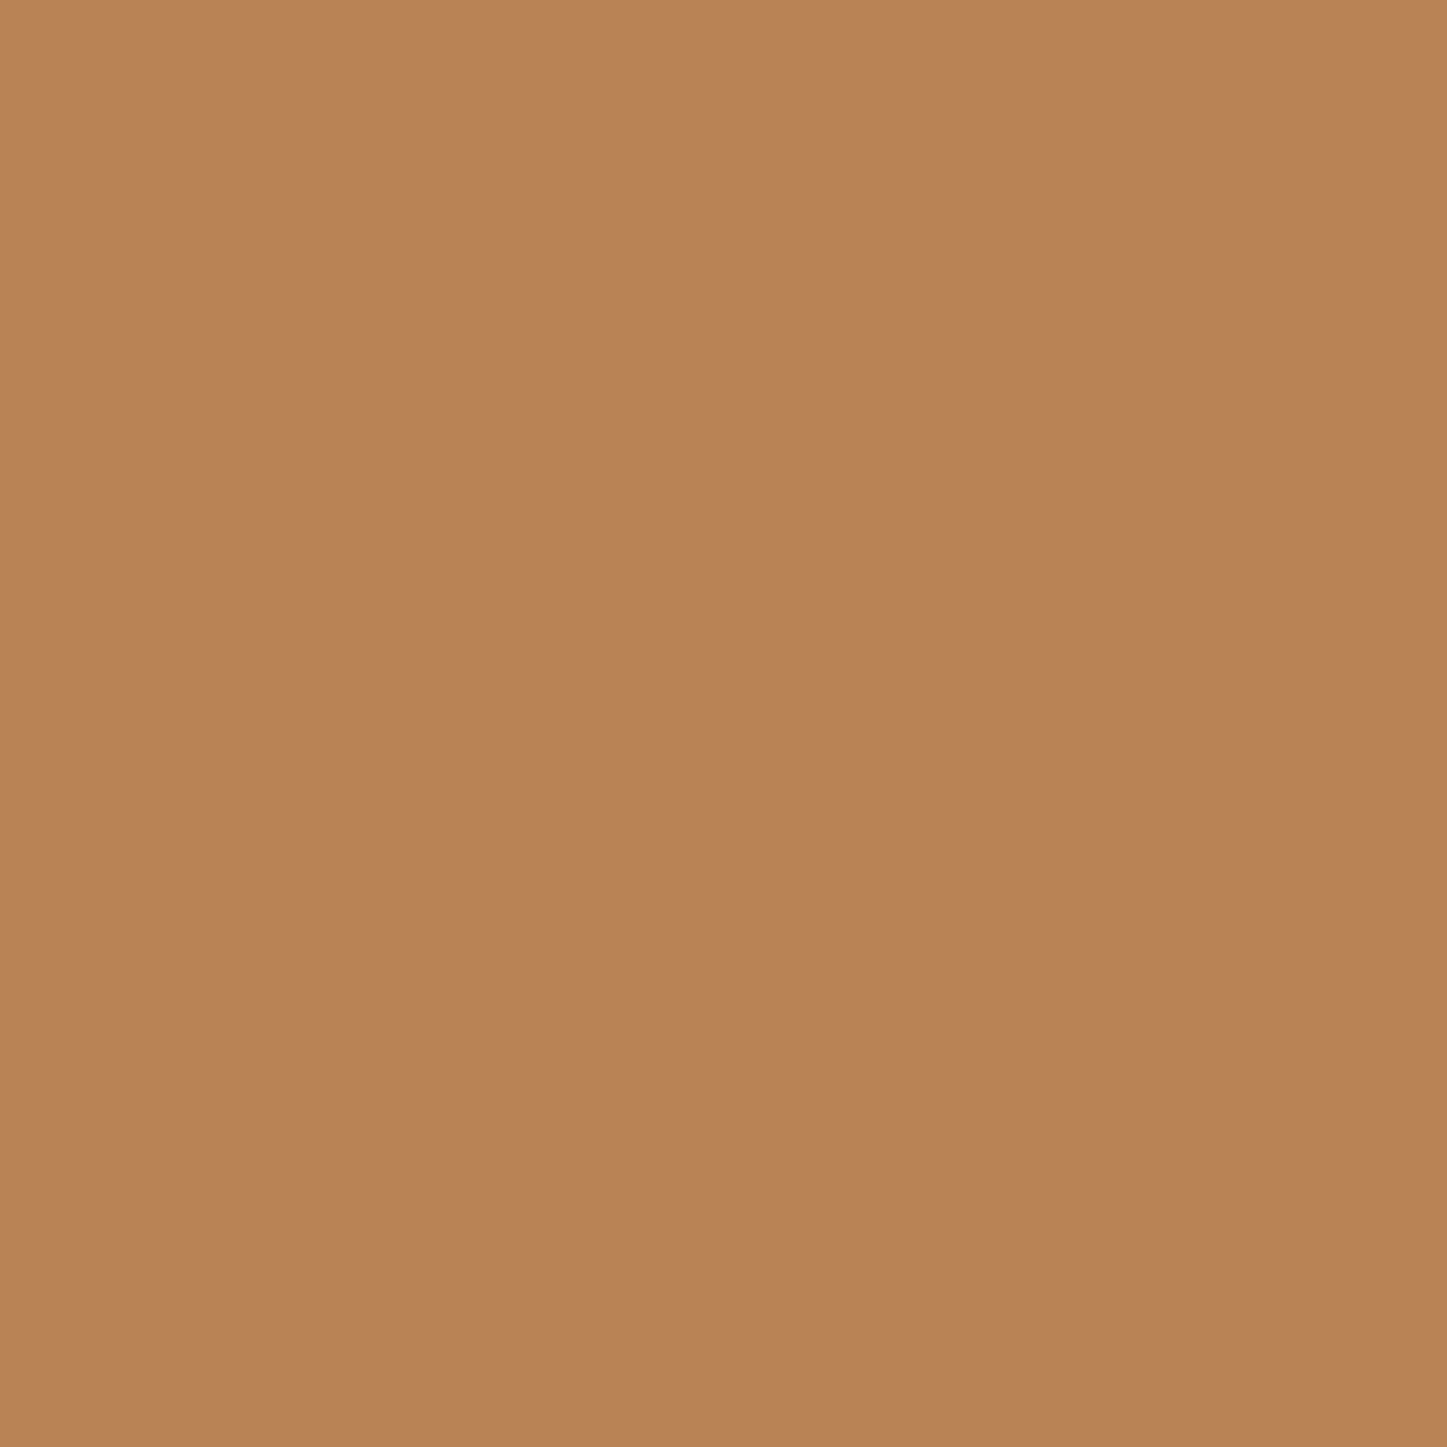 高価なオアシス設置SANMIMORE(サンミモレ化粧品) UVパクト 54号ナチュラル (レフィル 替パフ付)